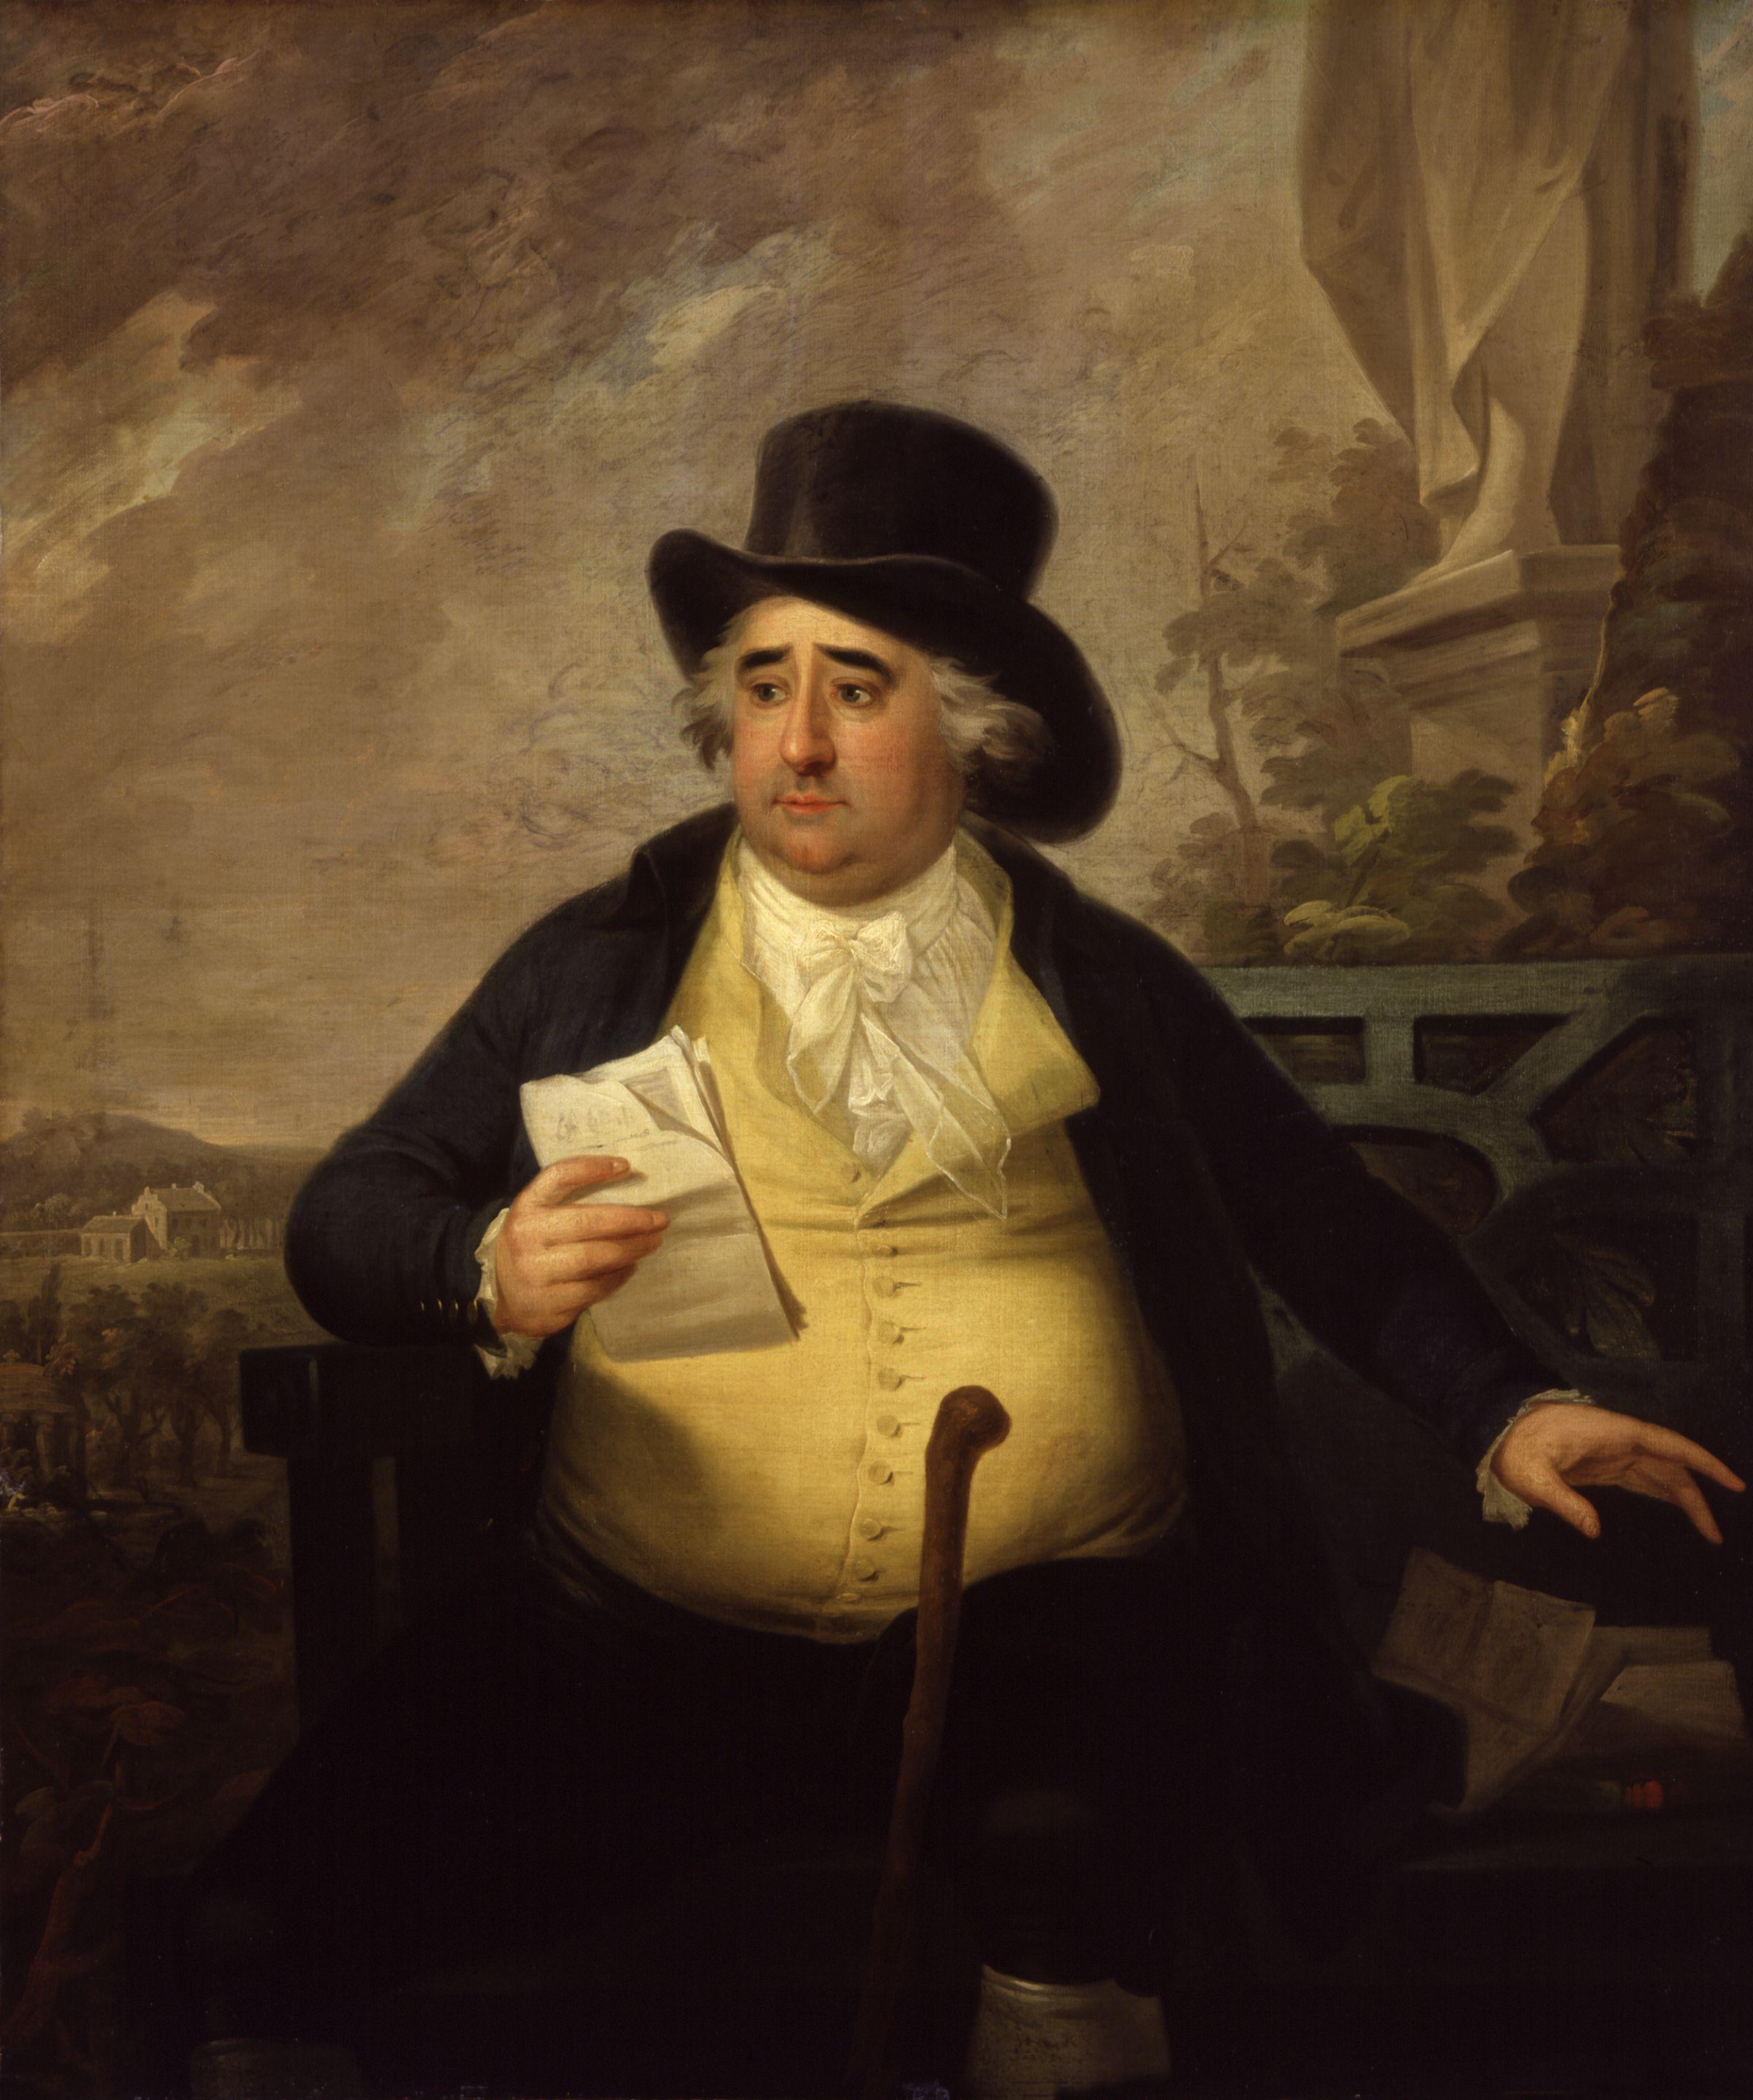 1794 portrait